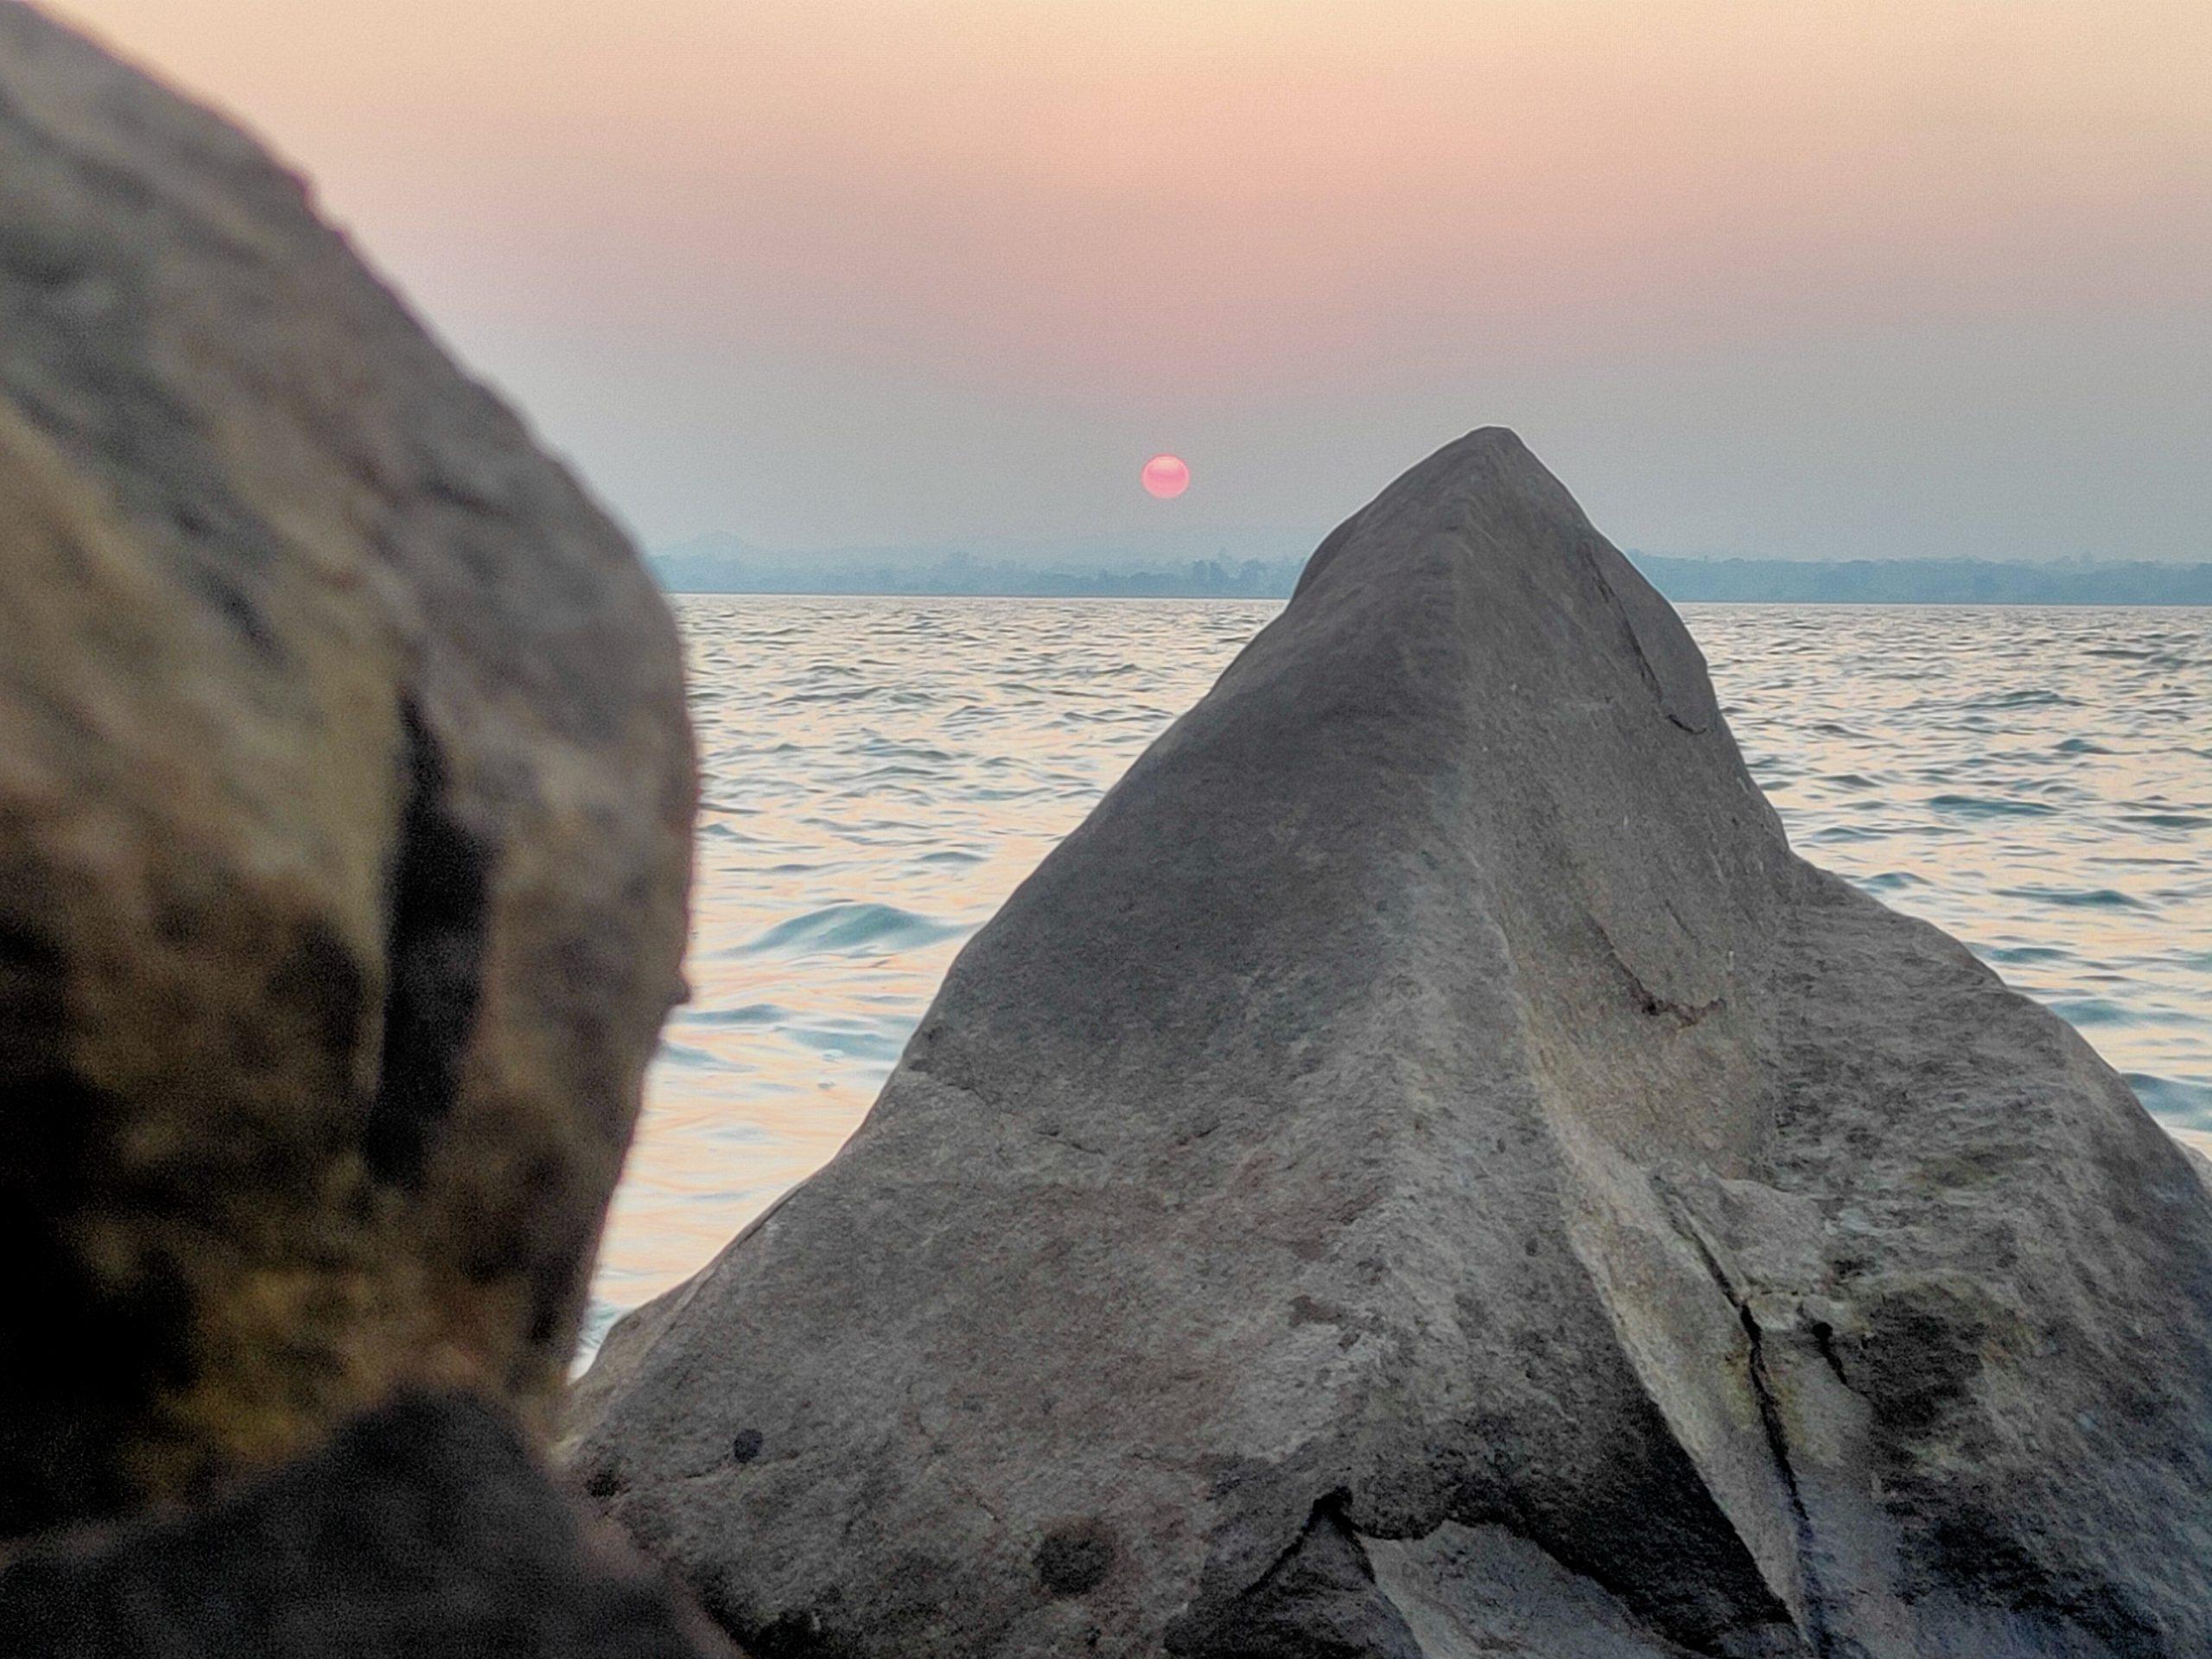 A sharp rock on a beach